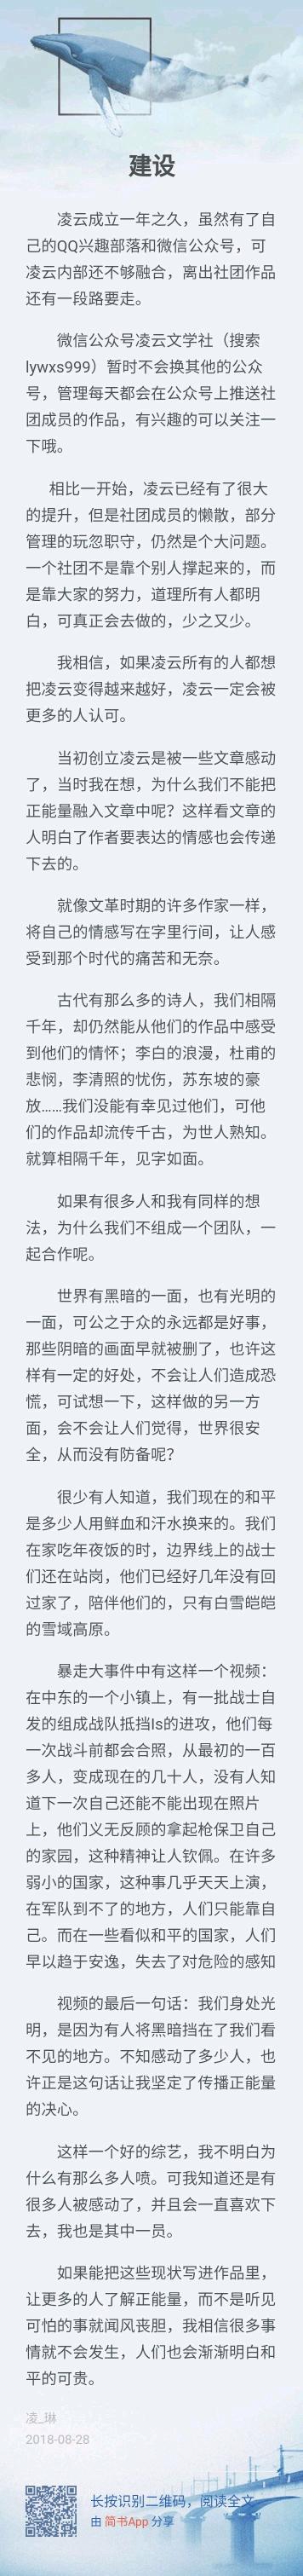 凌云文學社